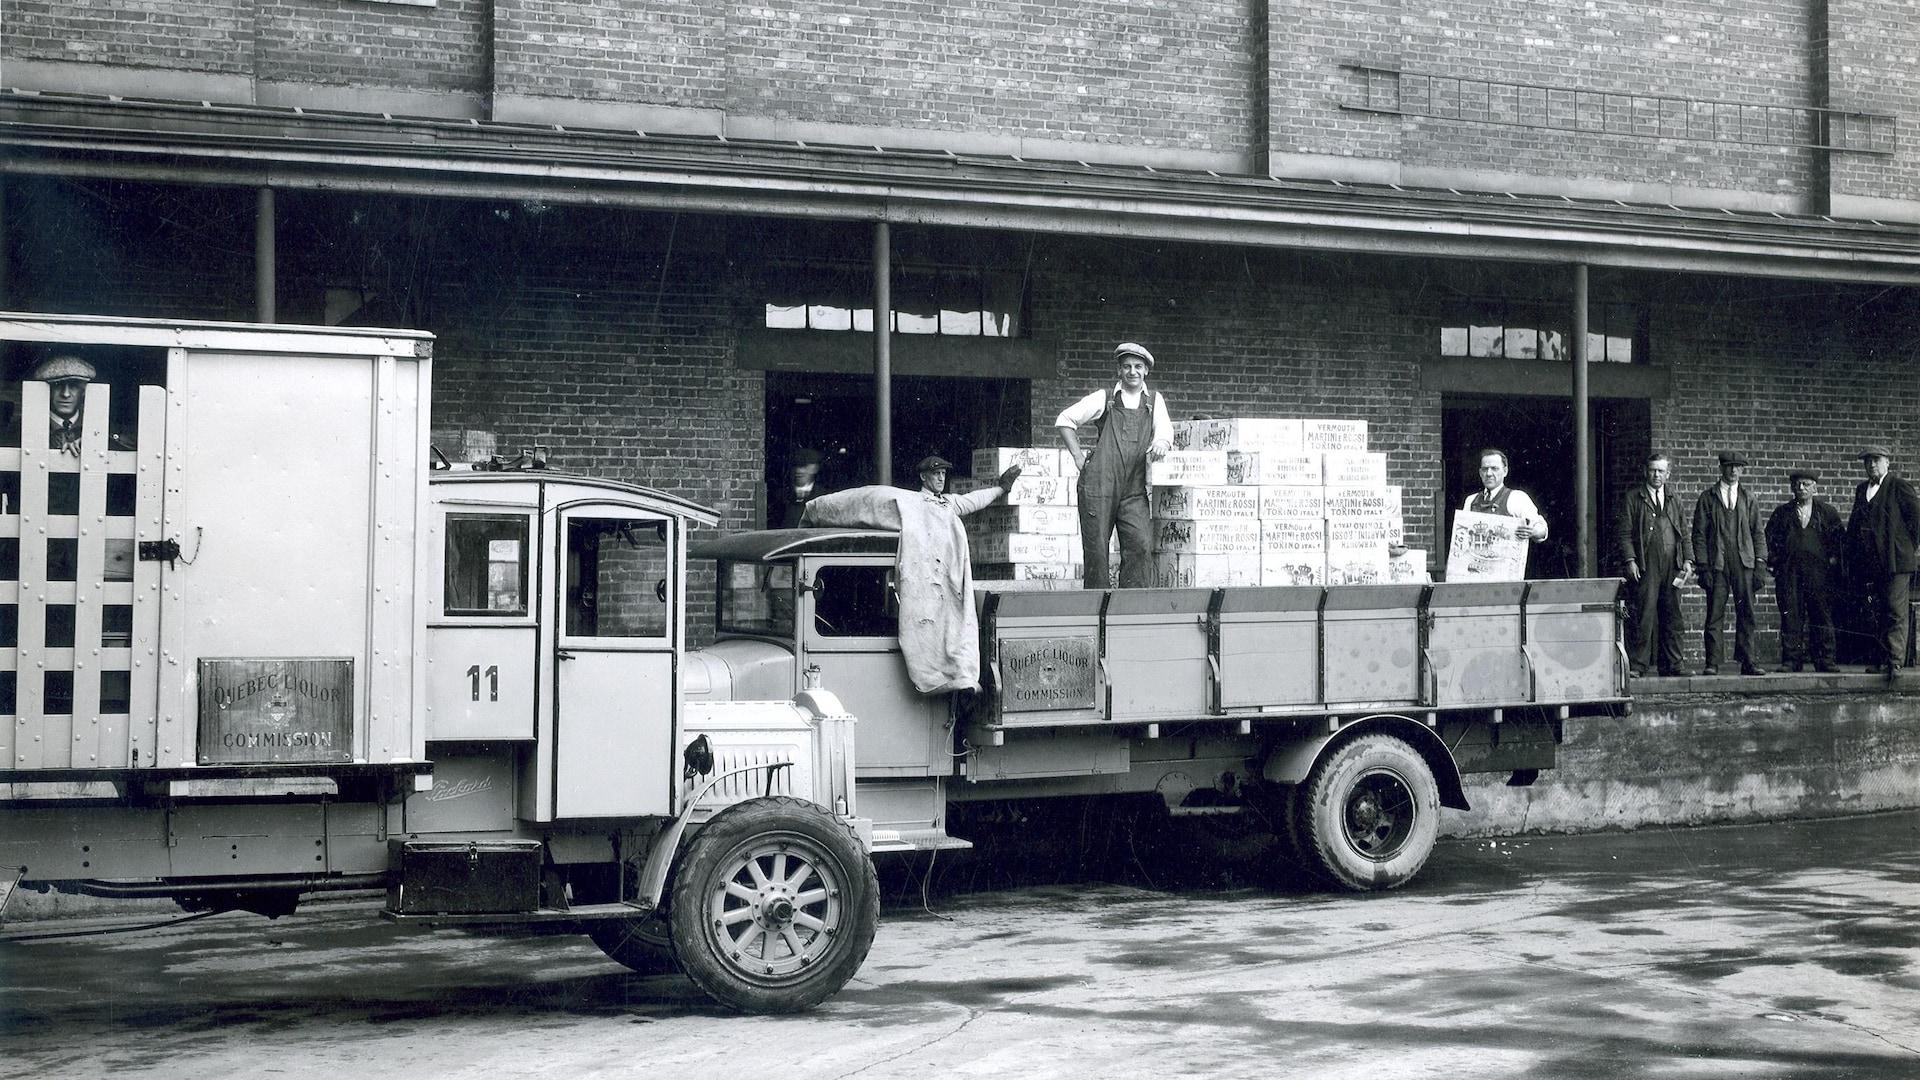 Des employés de la Commission des liqueurs sortent des caisses des entrepôts pour les charger dans les camions de livraison. L'un d'entre eux sourit à la caméra, pendant que d'autres surveillent des opérations à partir des quais.